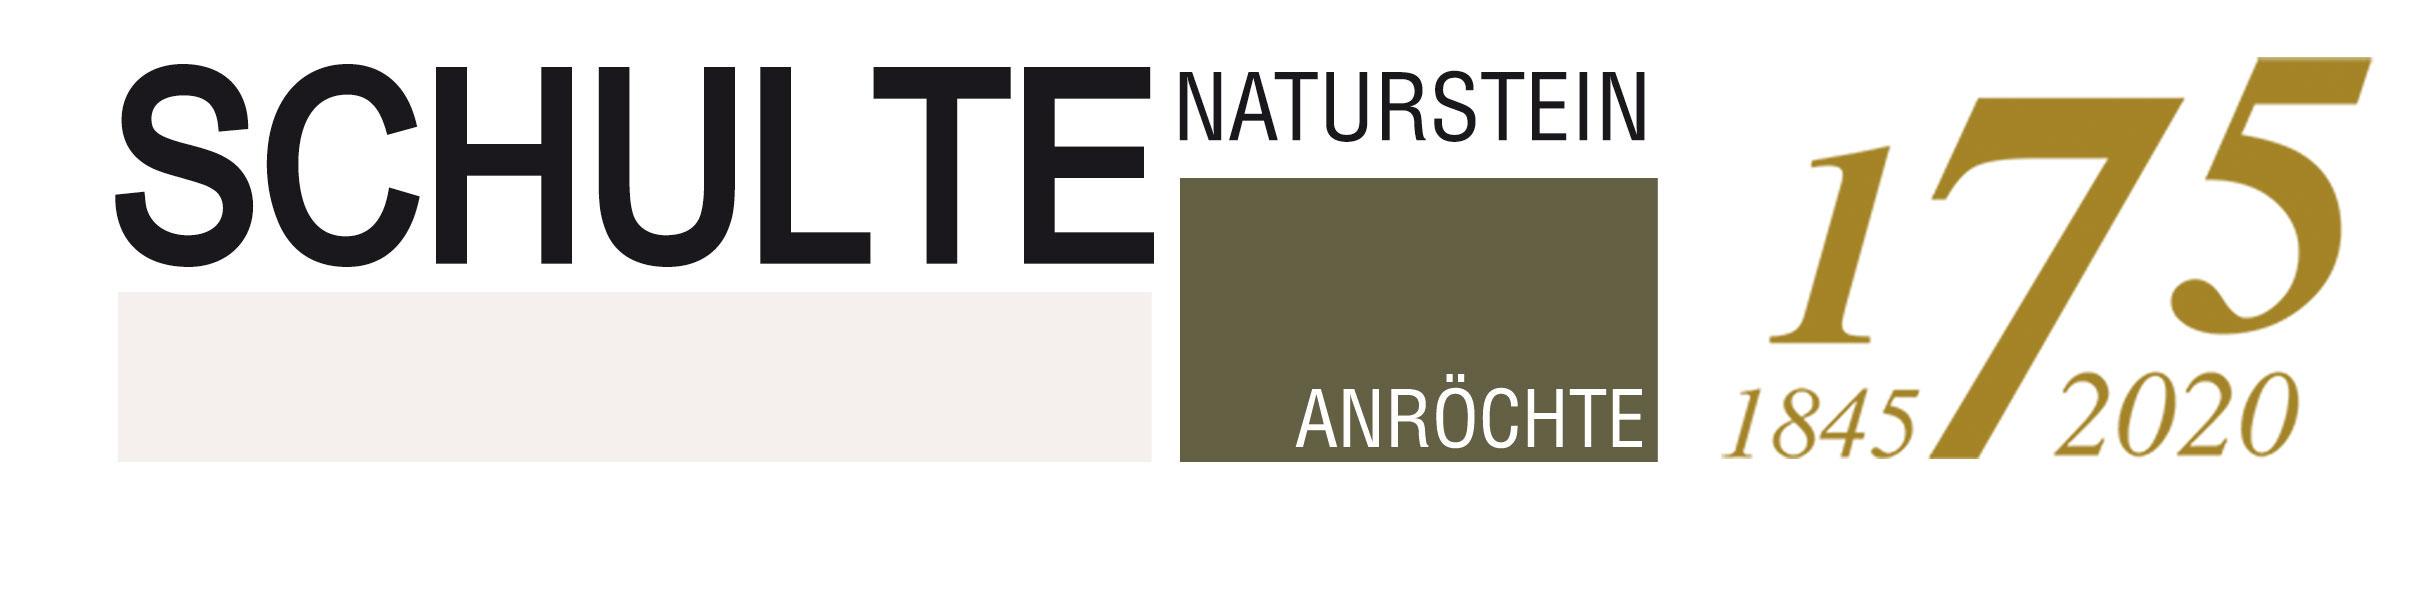 Schulte-Naturstein-Logo-mit175jahre